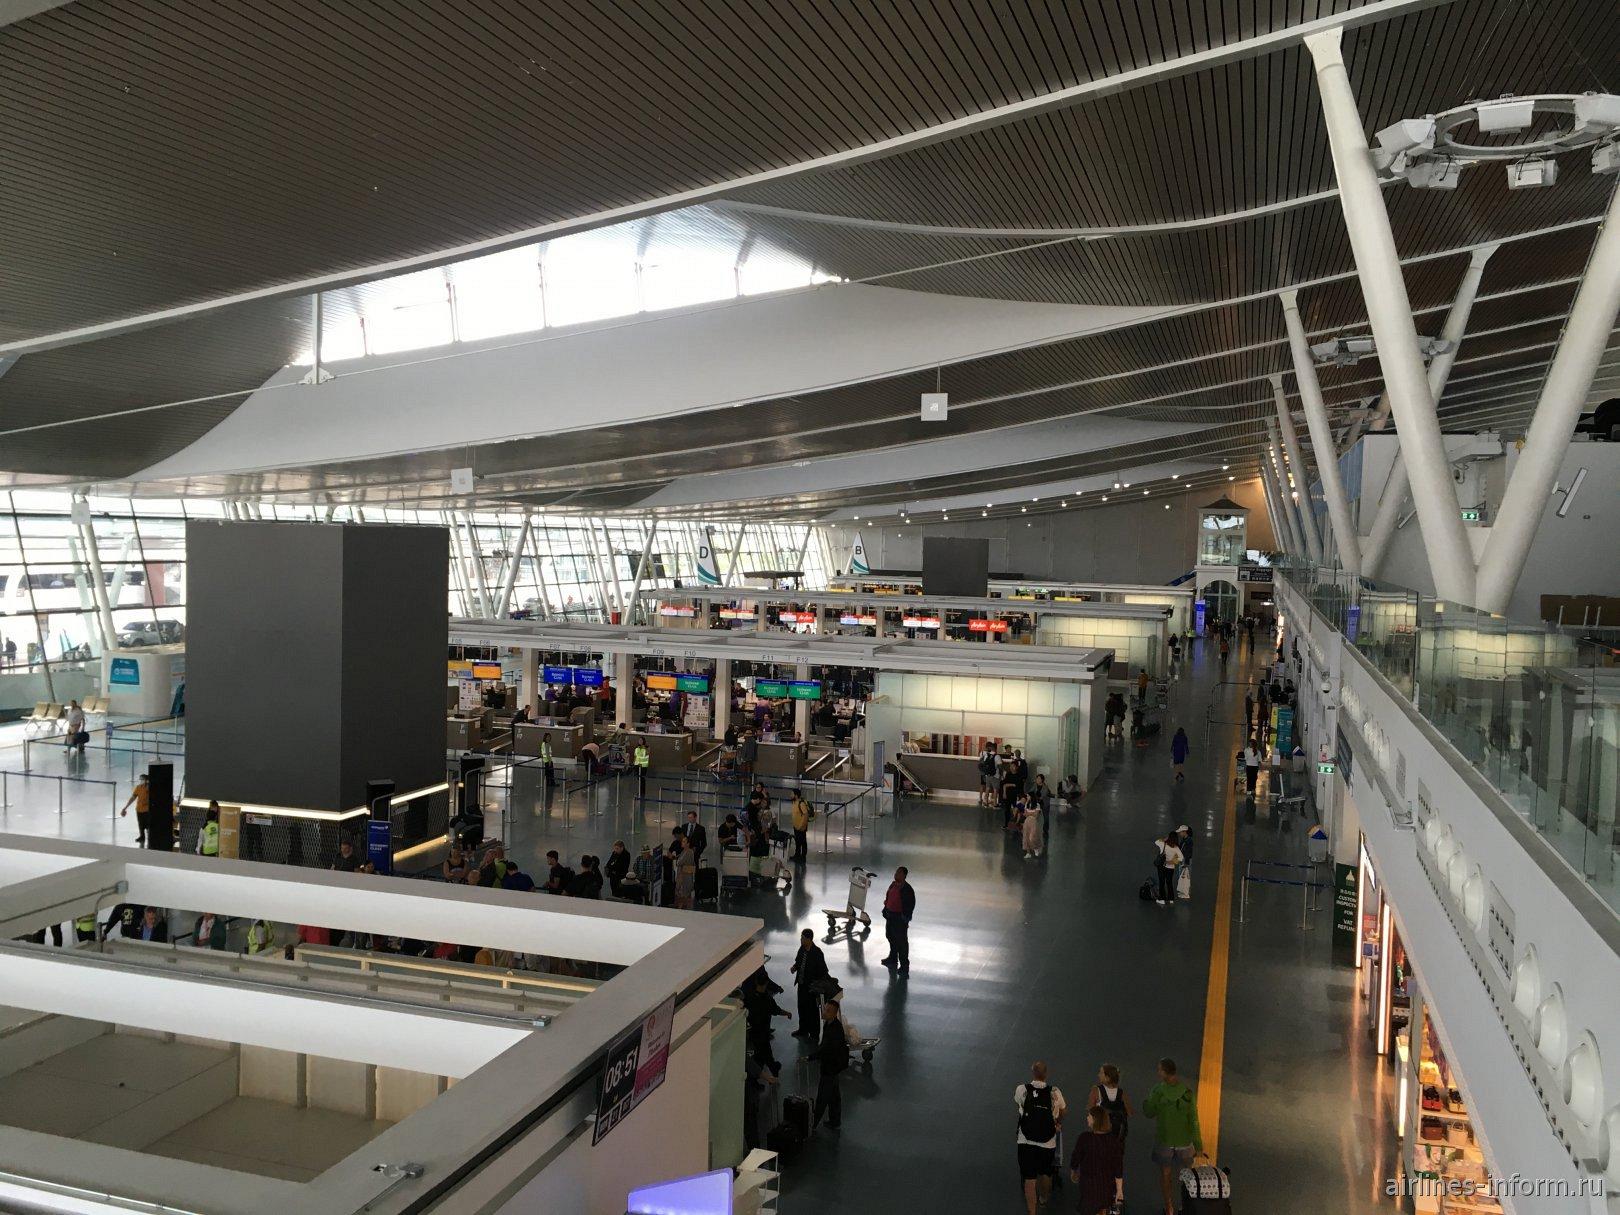 Общая зона вылета в пассажирском терминале аэропорта Пхукет